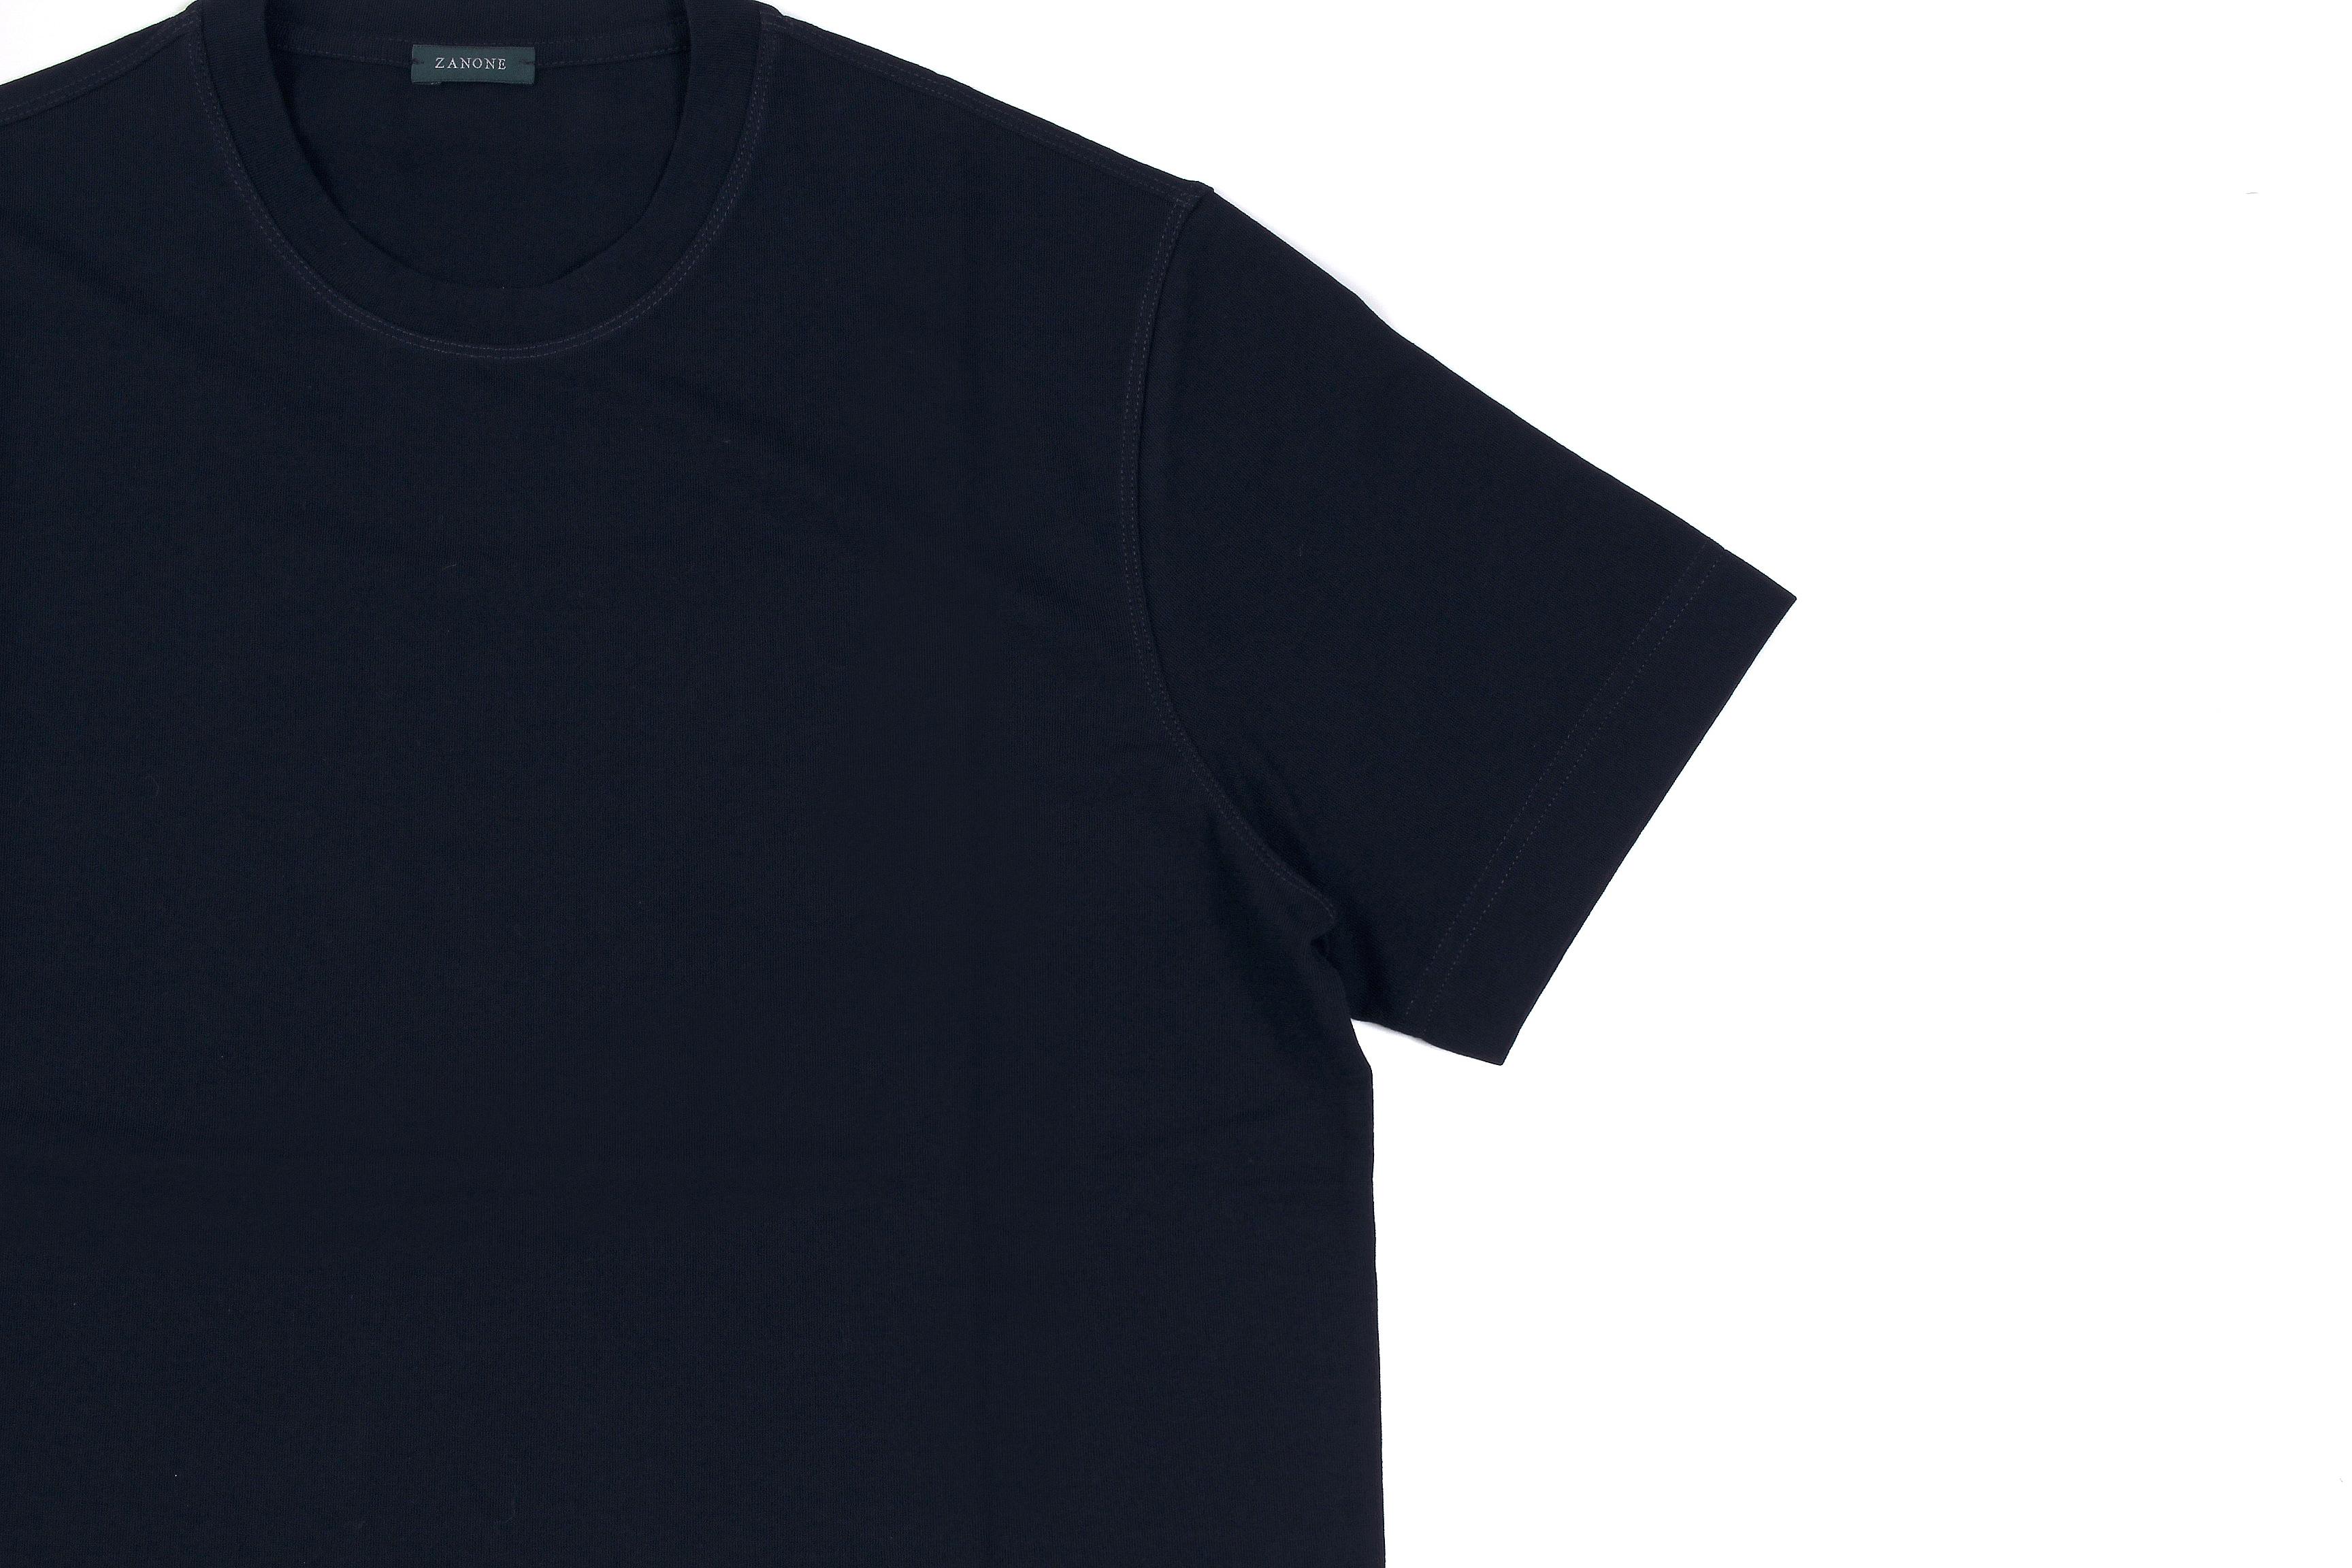 ZANONE(ザノーネ) Crew Neck T-shirt (クルーネックTシャツ) ice cotton アイスコットン Tシャツ NAVY (ネイビー・Z0542) MADE IN ITALY(イタリア製) 2020 春夏 【ご予約開始】愛知 名古屋 altoediritto アルトエデリット tee 夏Tシャツ